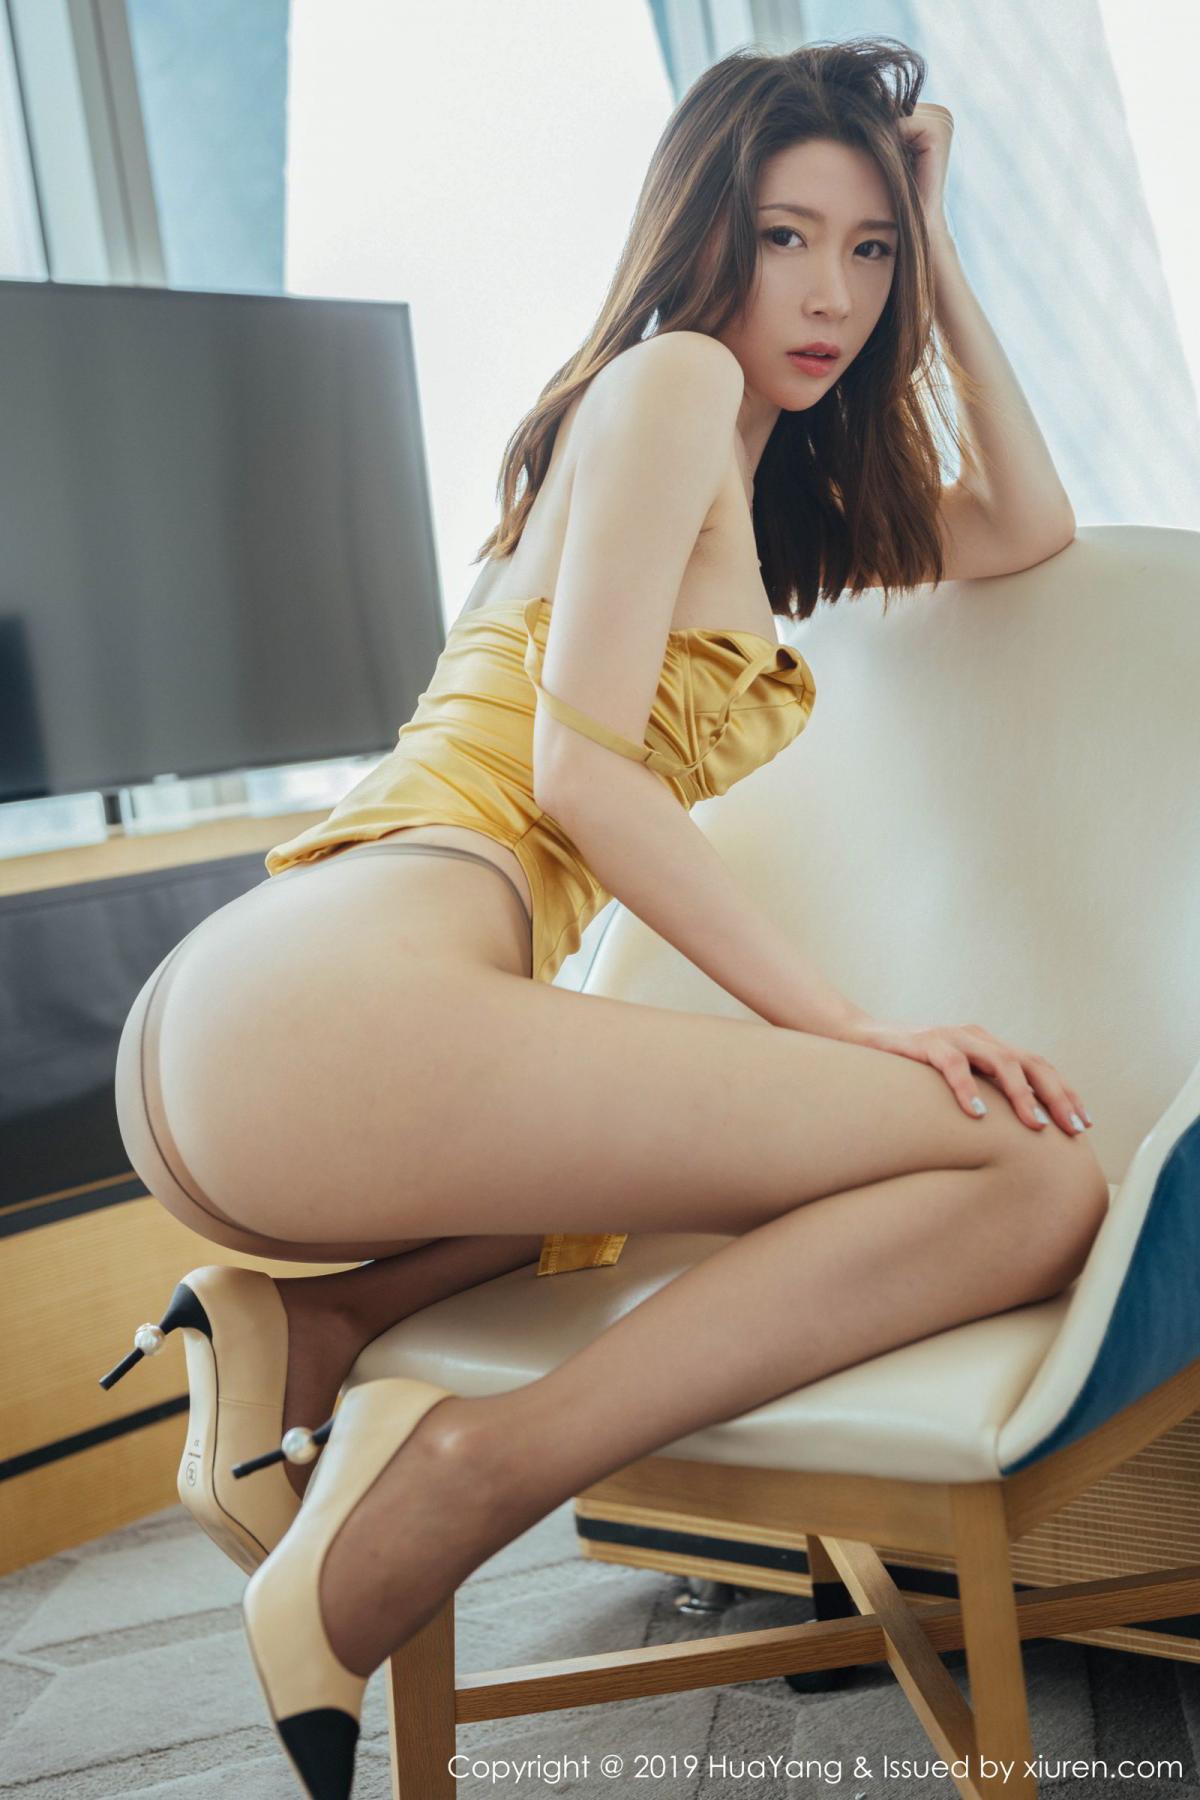 [Huayang] Vol.155 Meng Xin Yue 1P, HuaYang, Meng Xin Yue, Tall